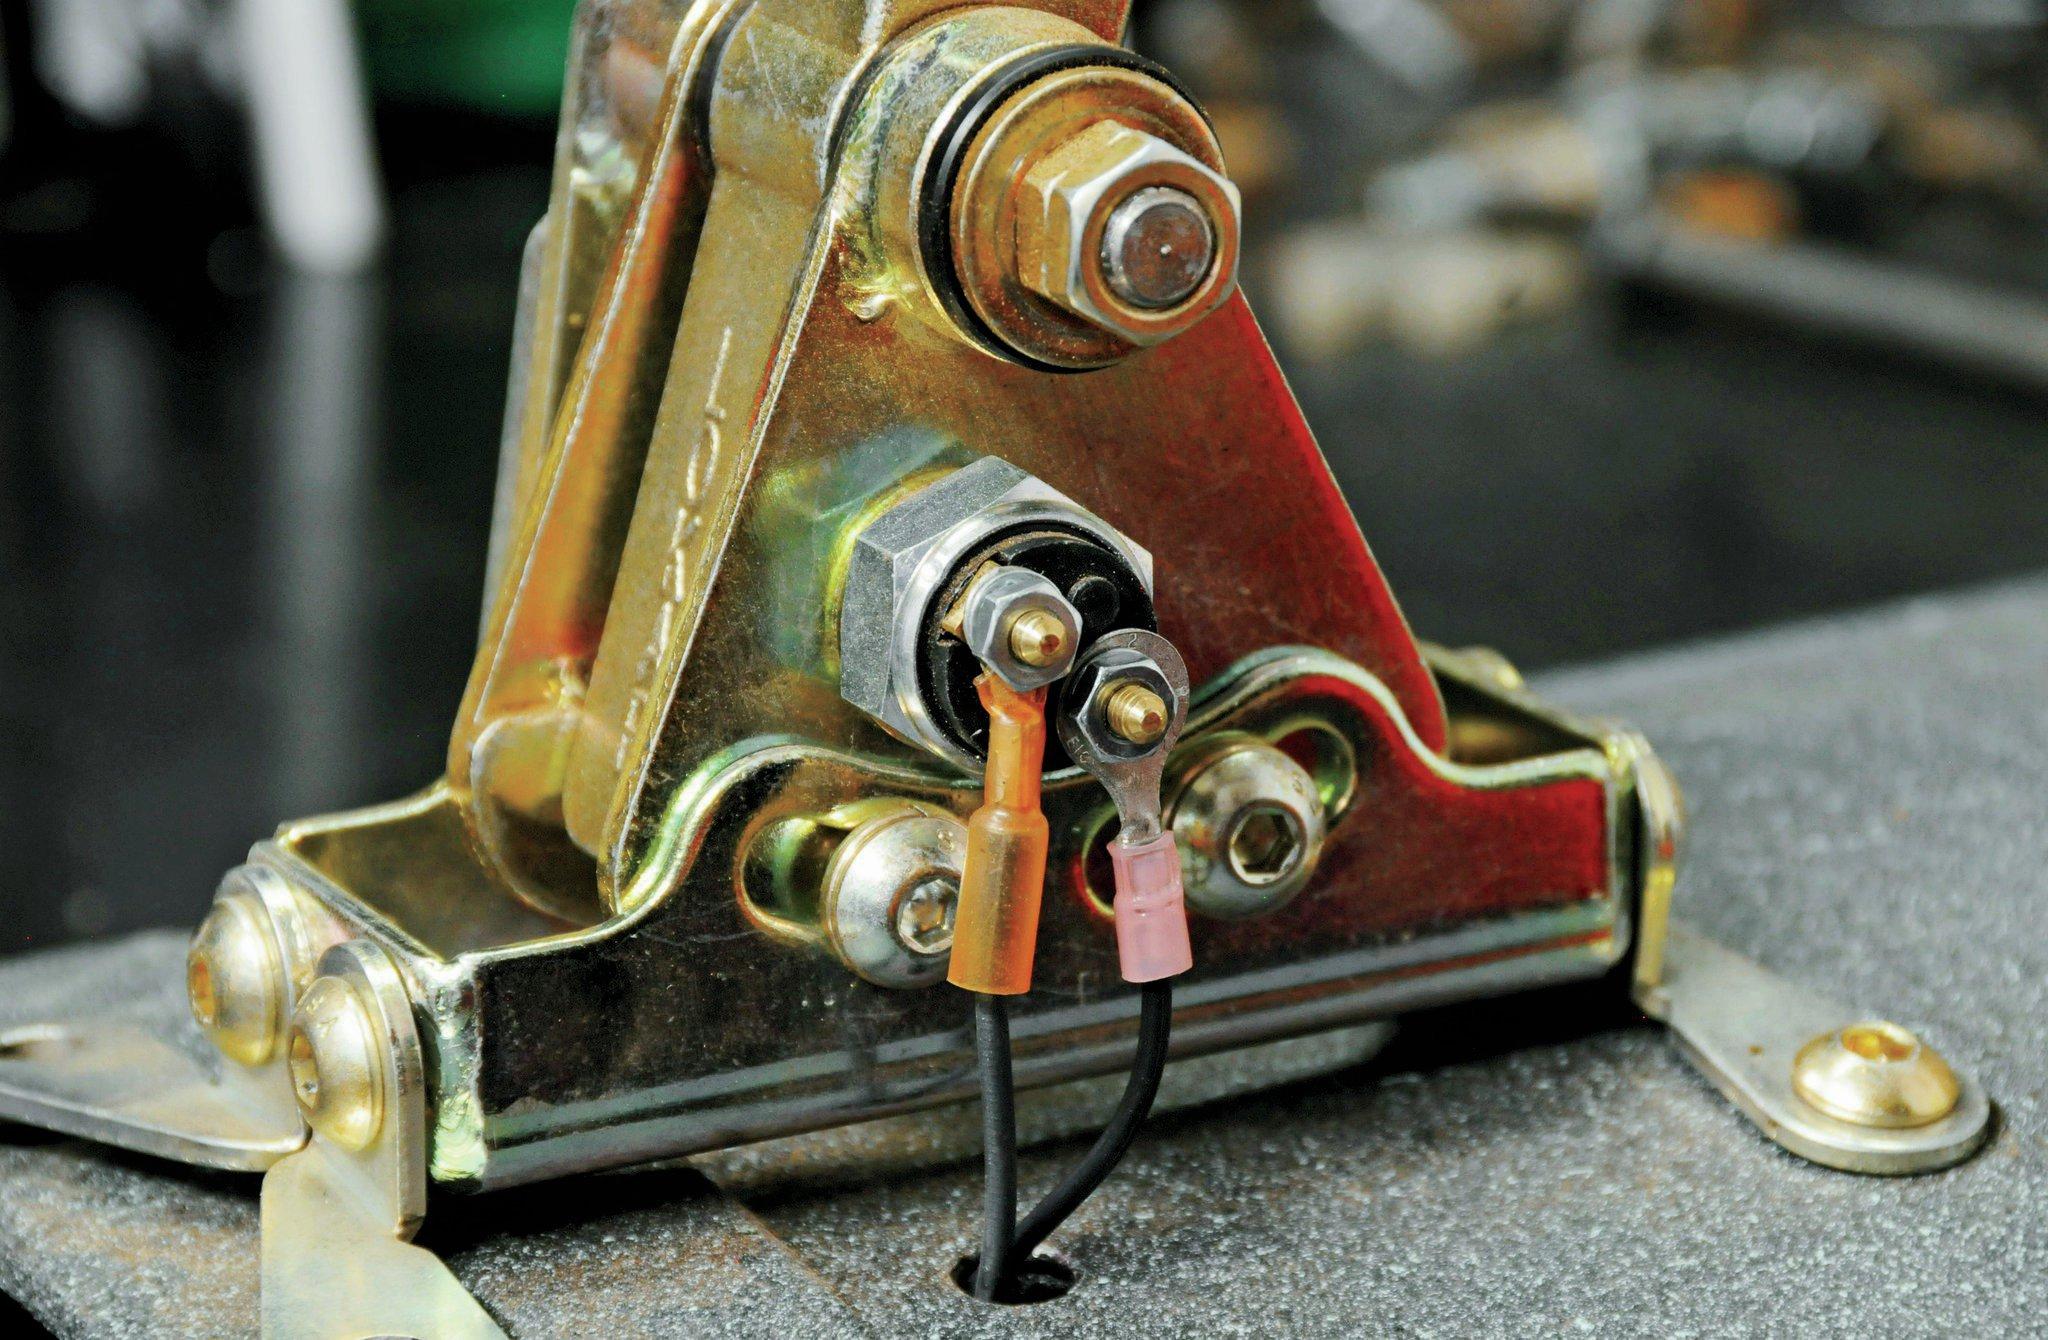 Wiring Diagram On 1969 Mustang Alternator Wiring Diagram Free